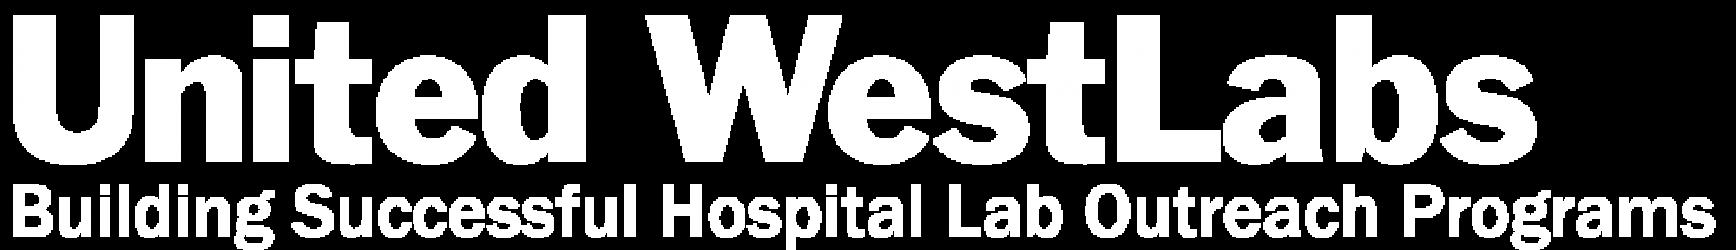 United WestLabs